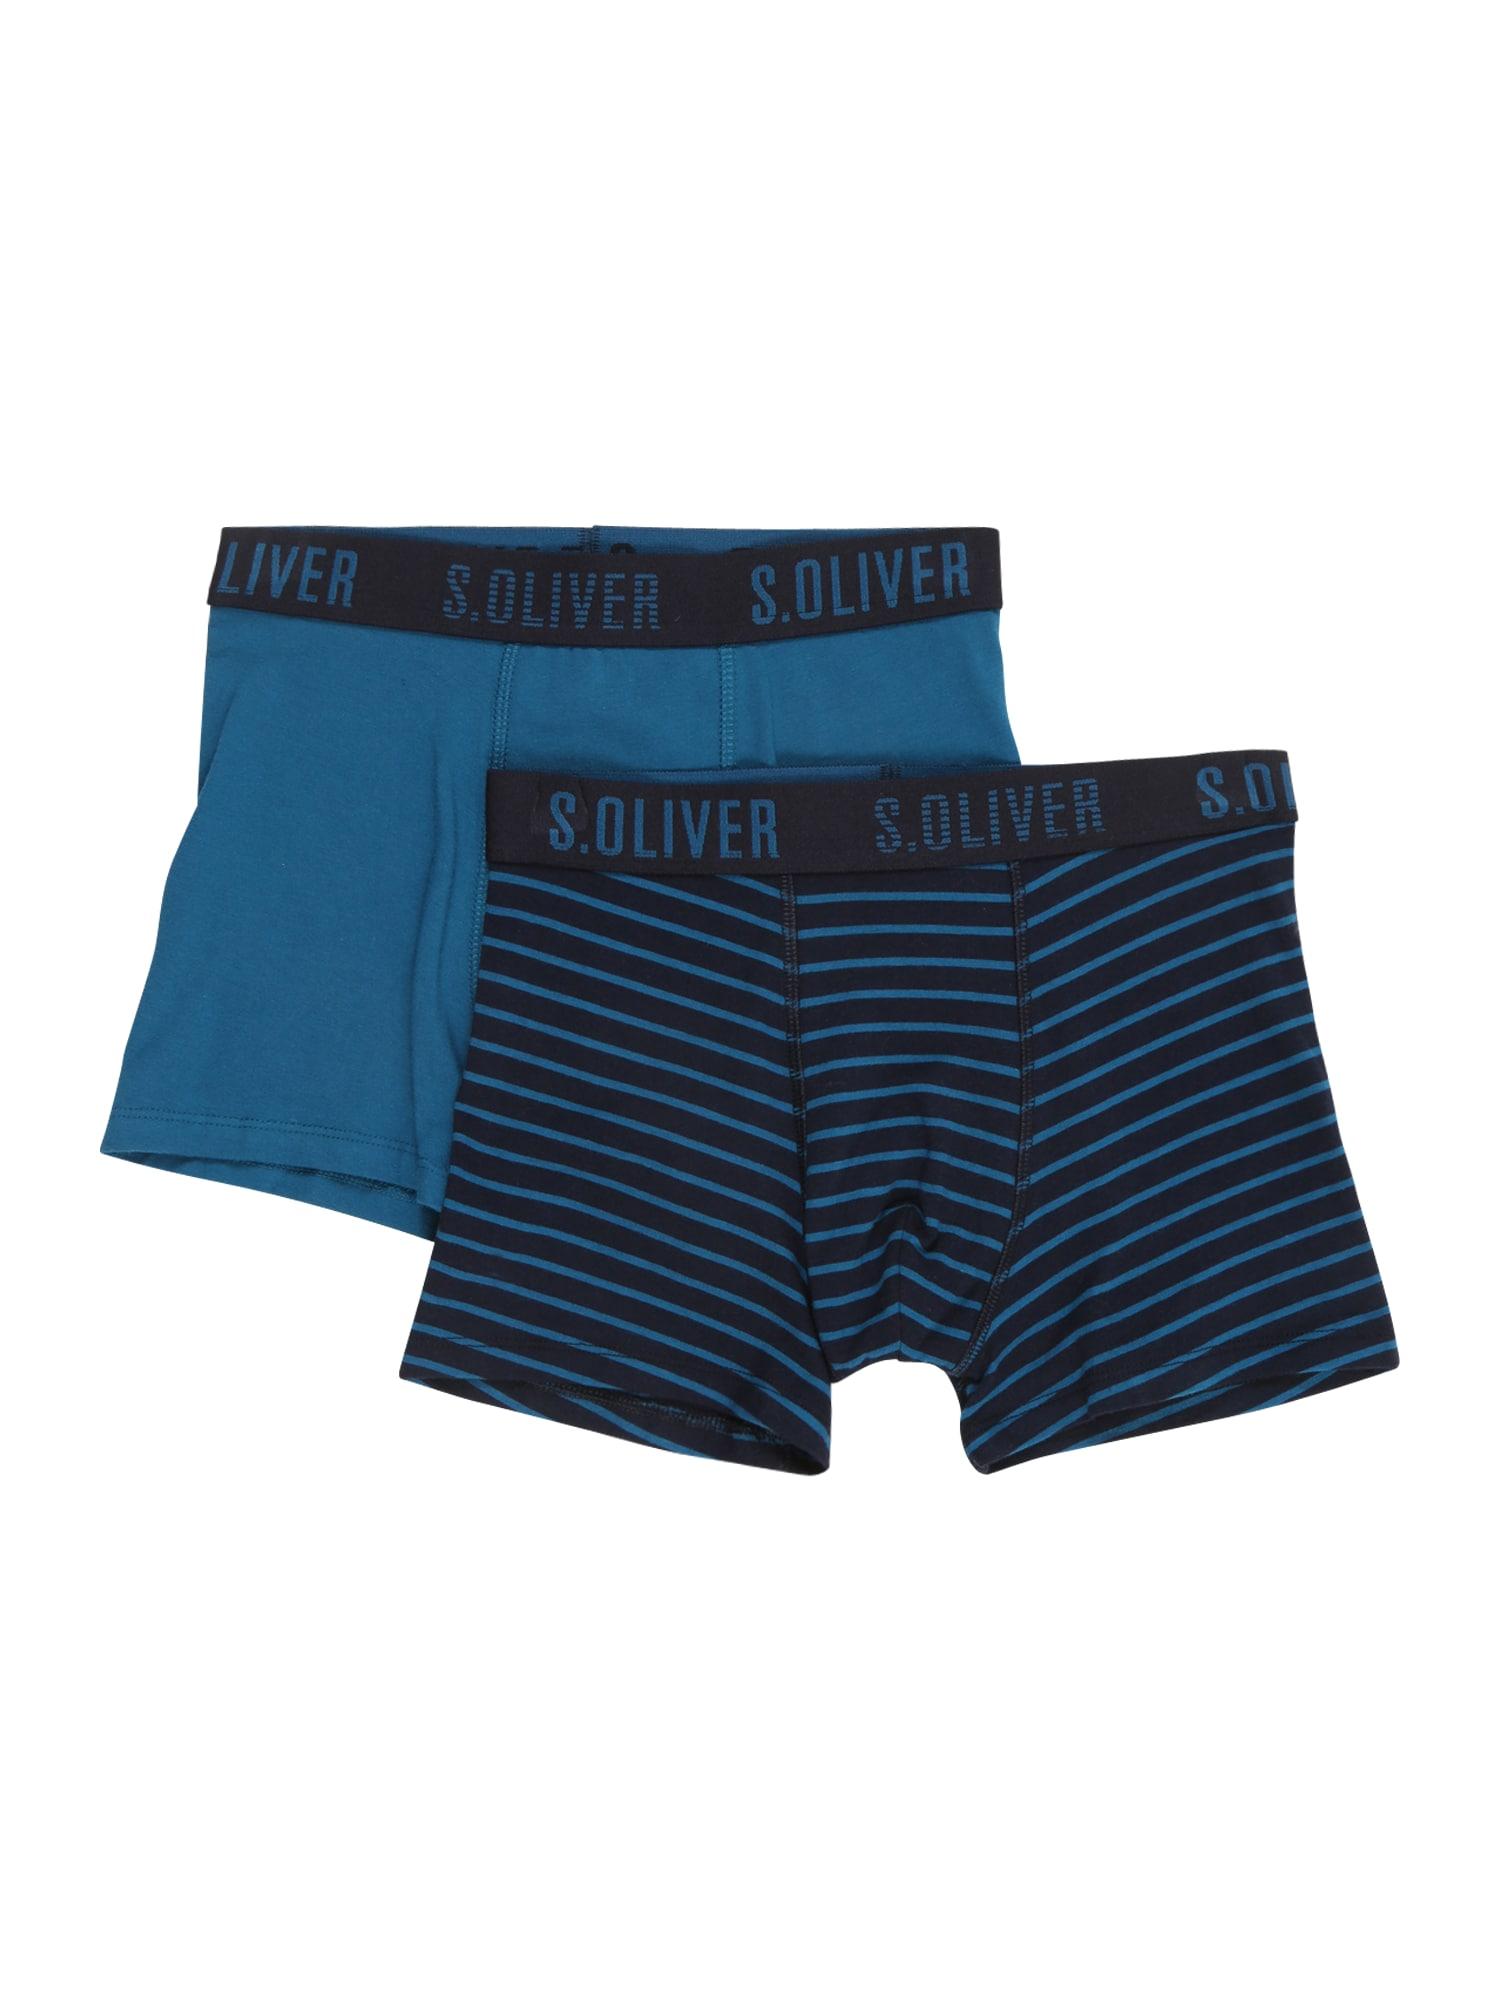 s.Oliver Spodní prádlo  modrá